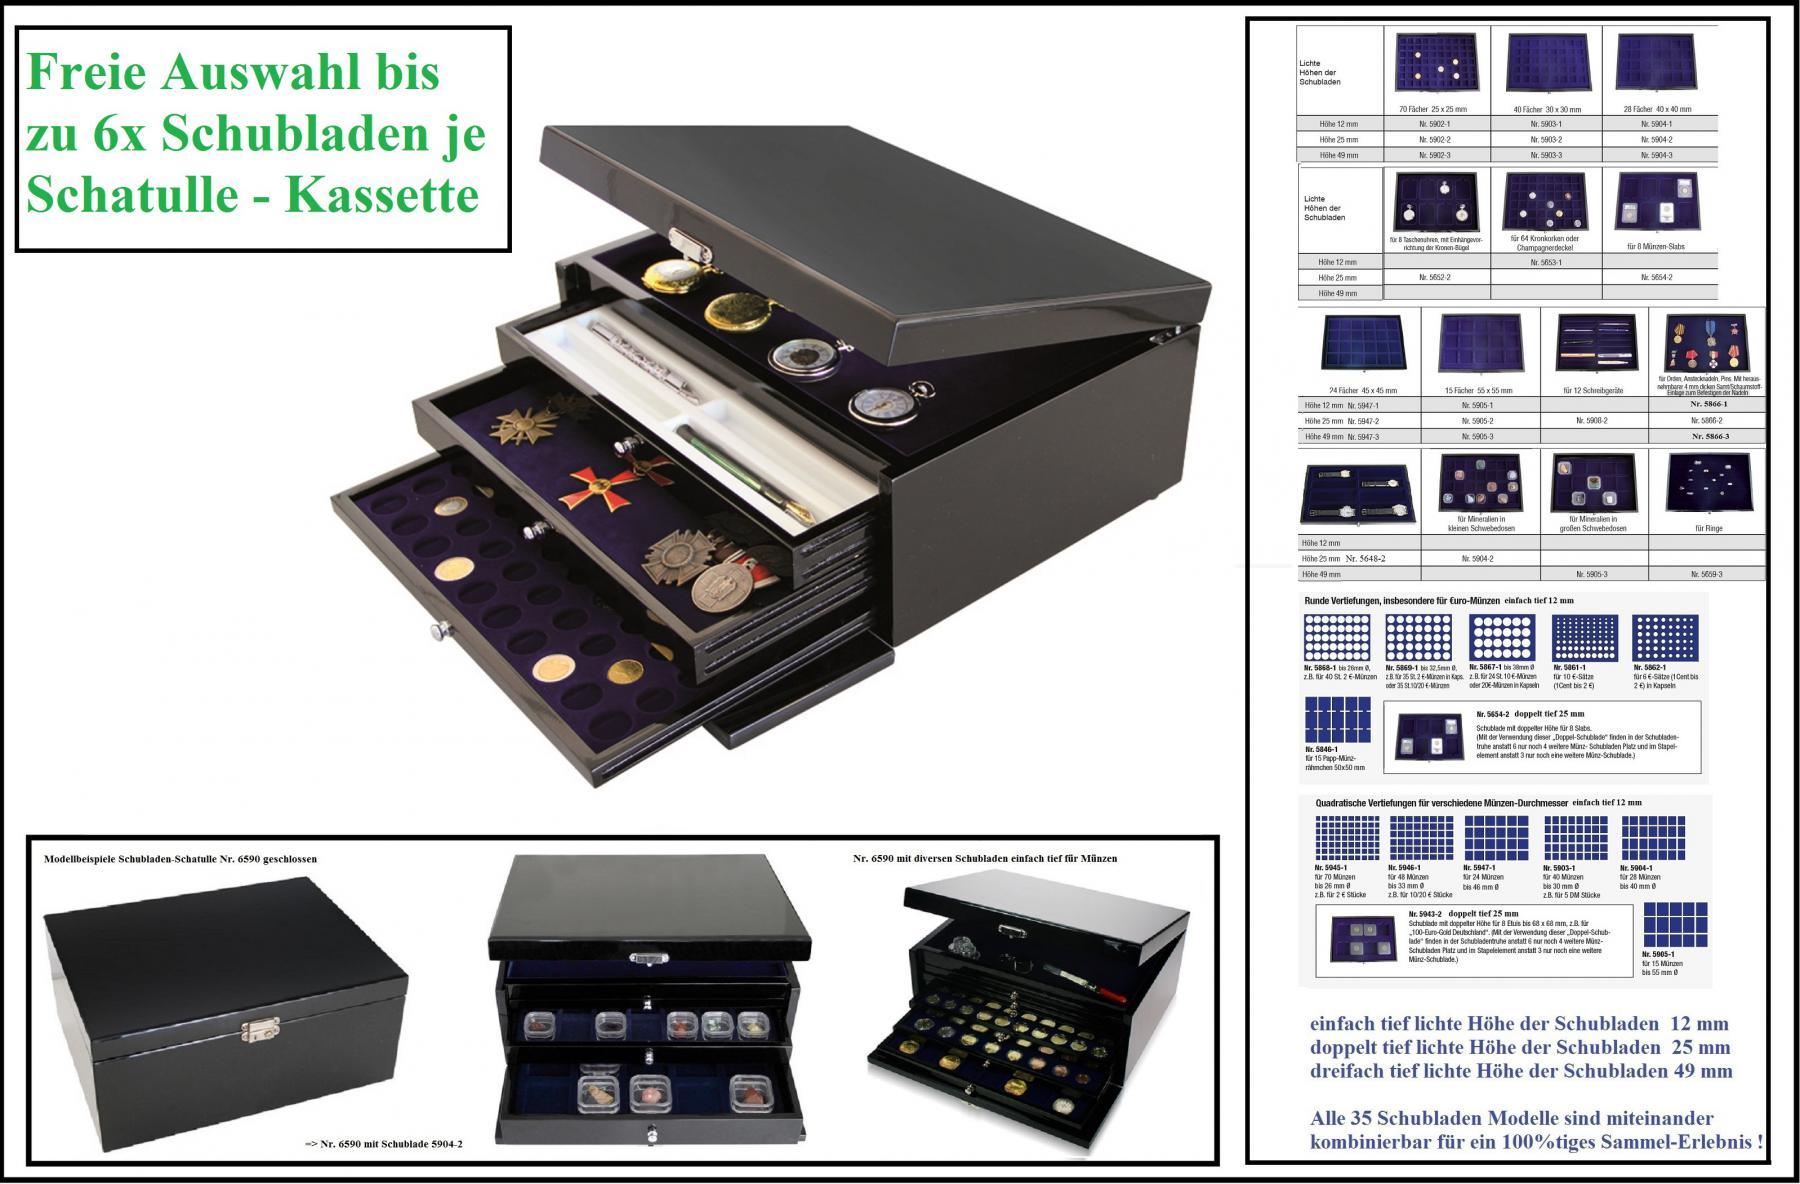 SAFE Set 6590 Schubladen Schatulle Classic KABINETT Kassette bis zu 6x Schubladen FREIE WAHL Für Münzen Schmuck Ringe Mineralien Muscheln